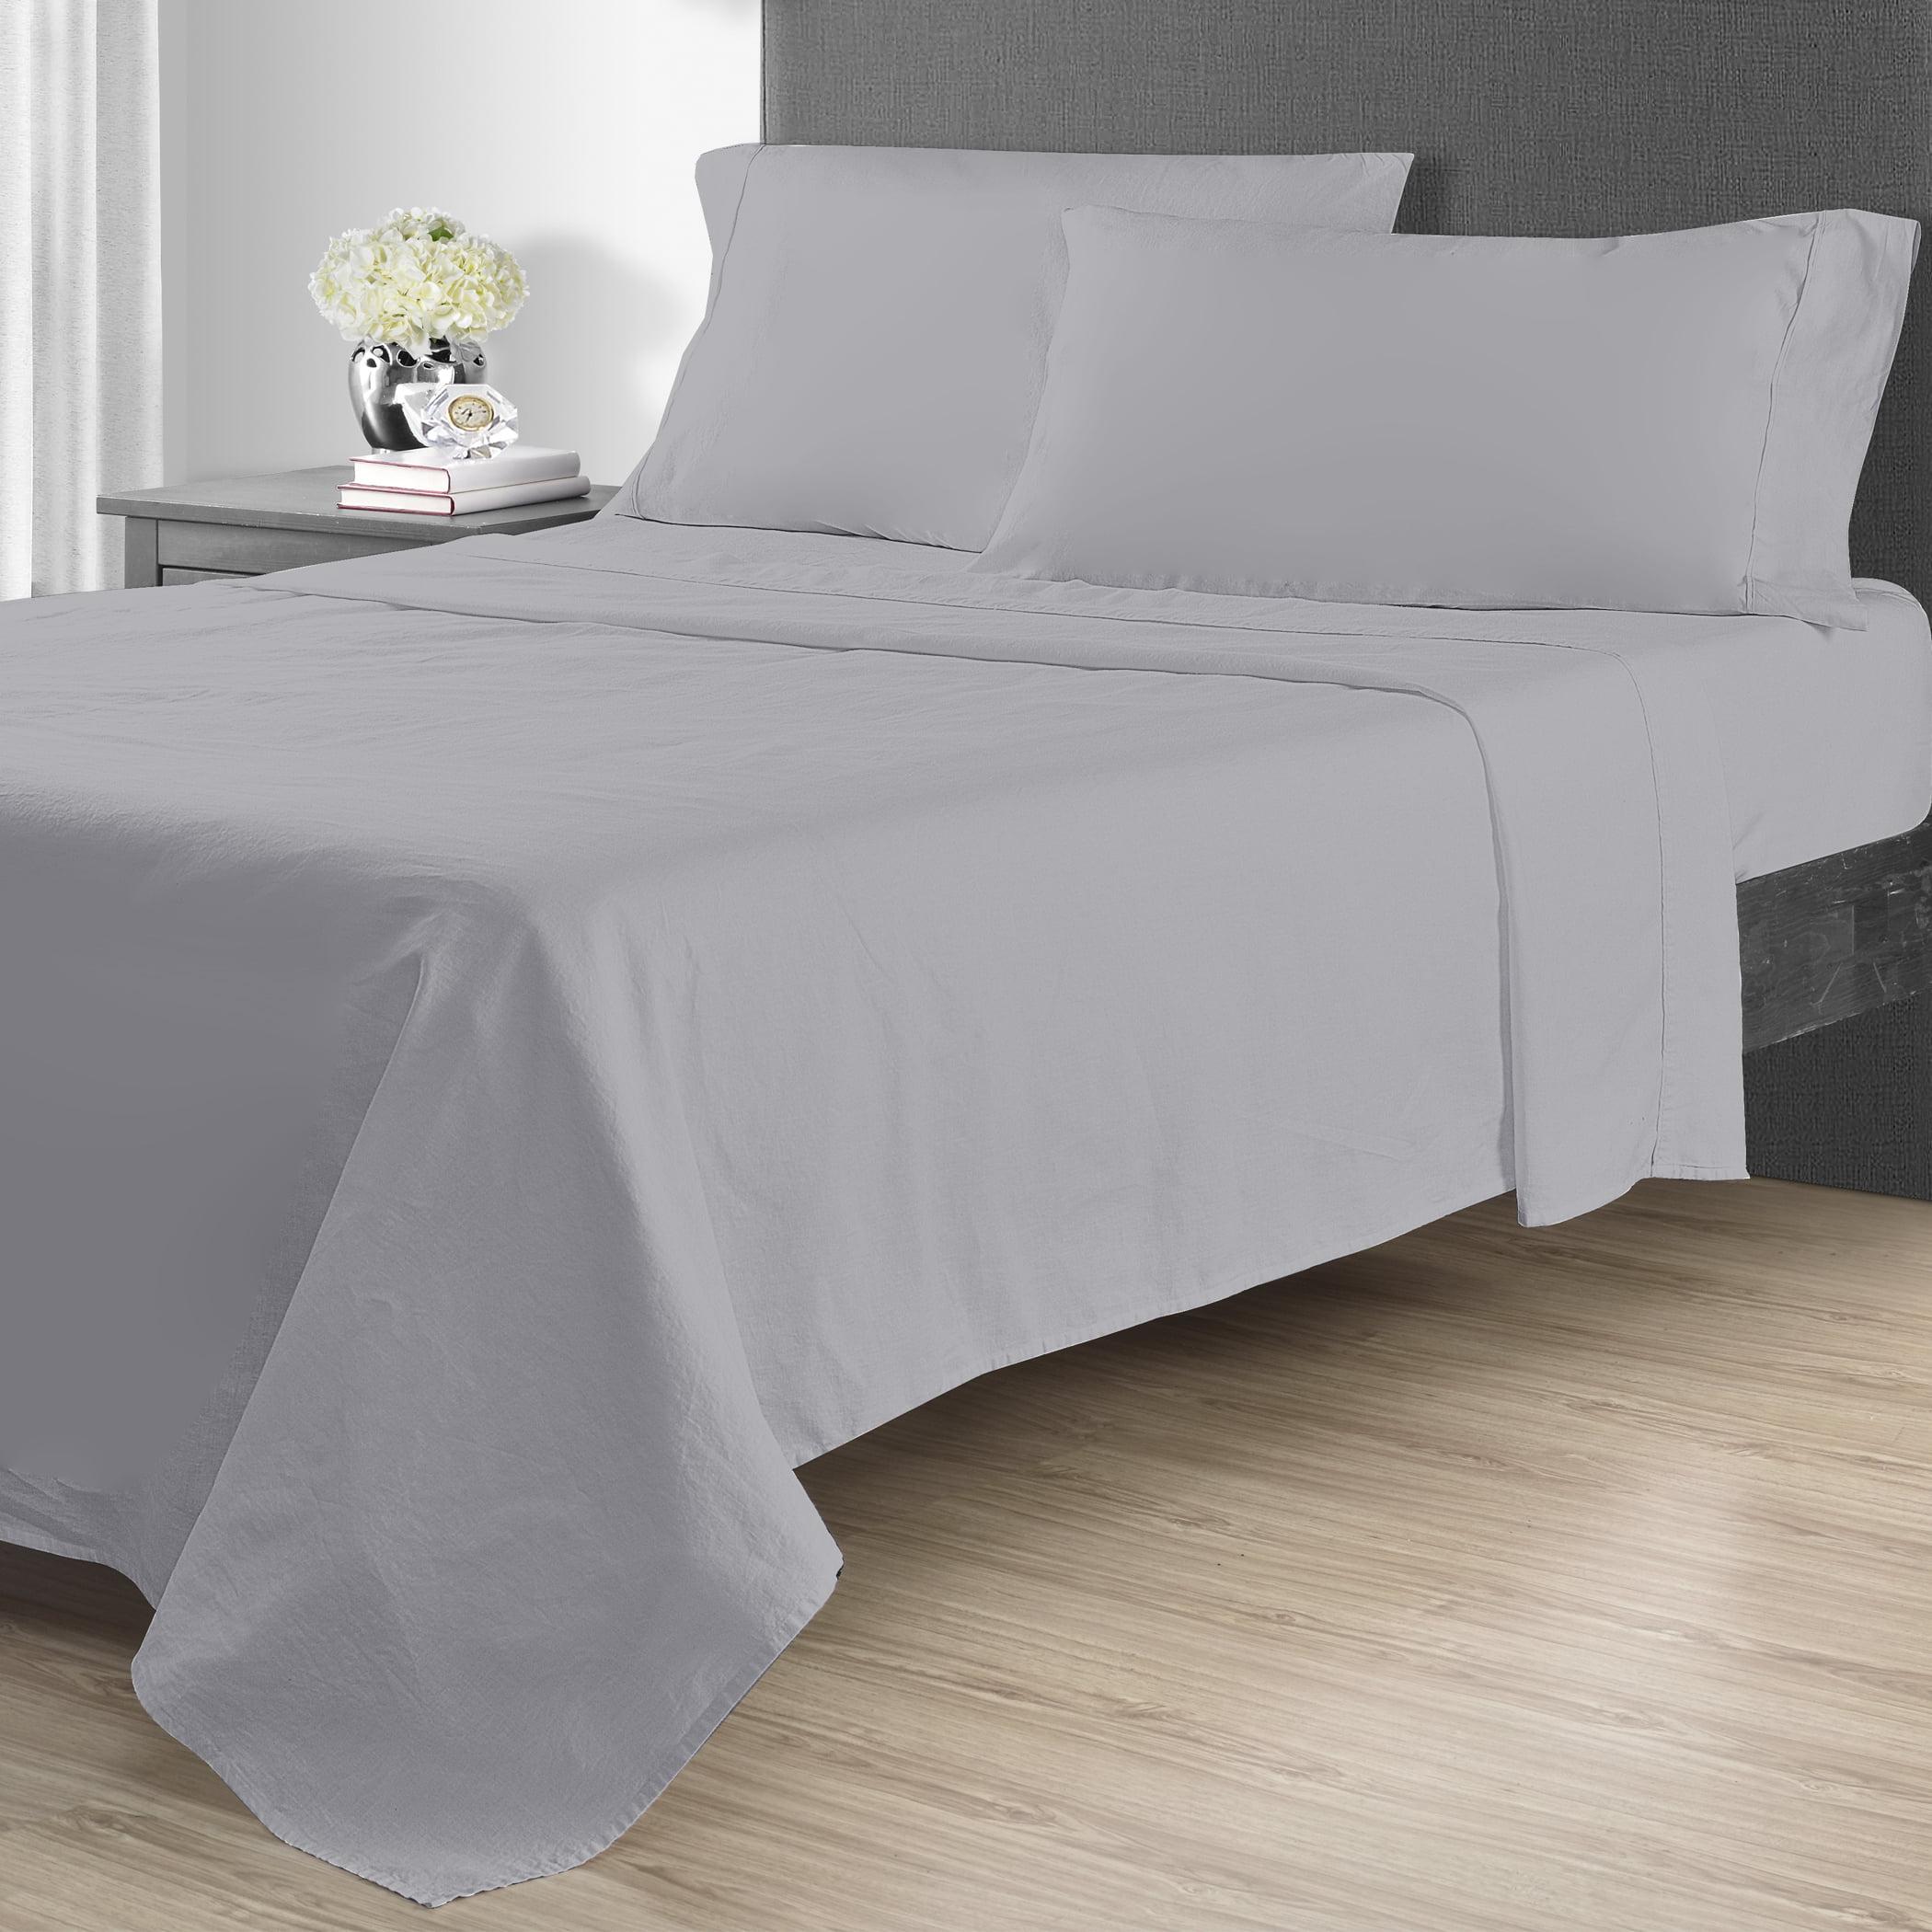 Better Homes & Gardens 4pc Linen Blend Sheet Sets